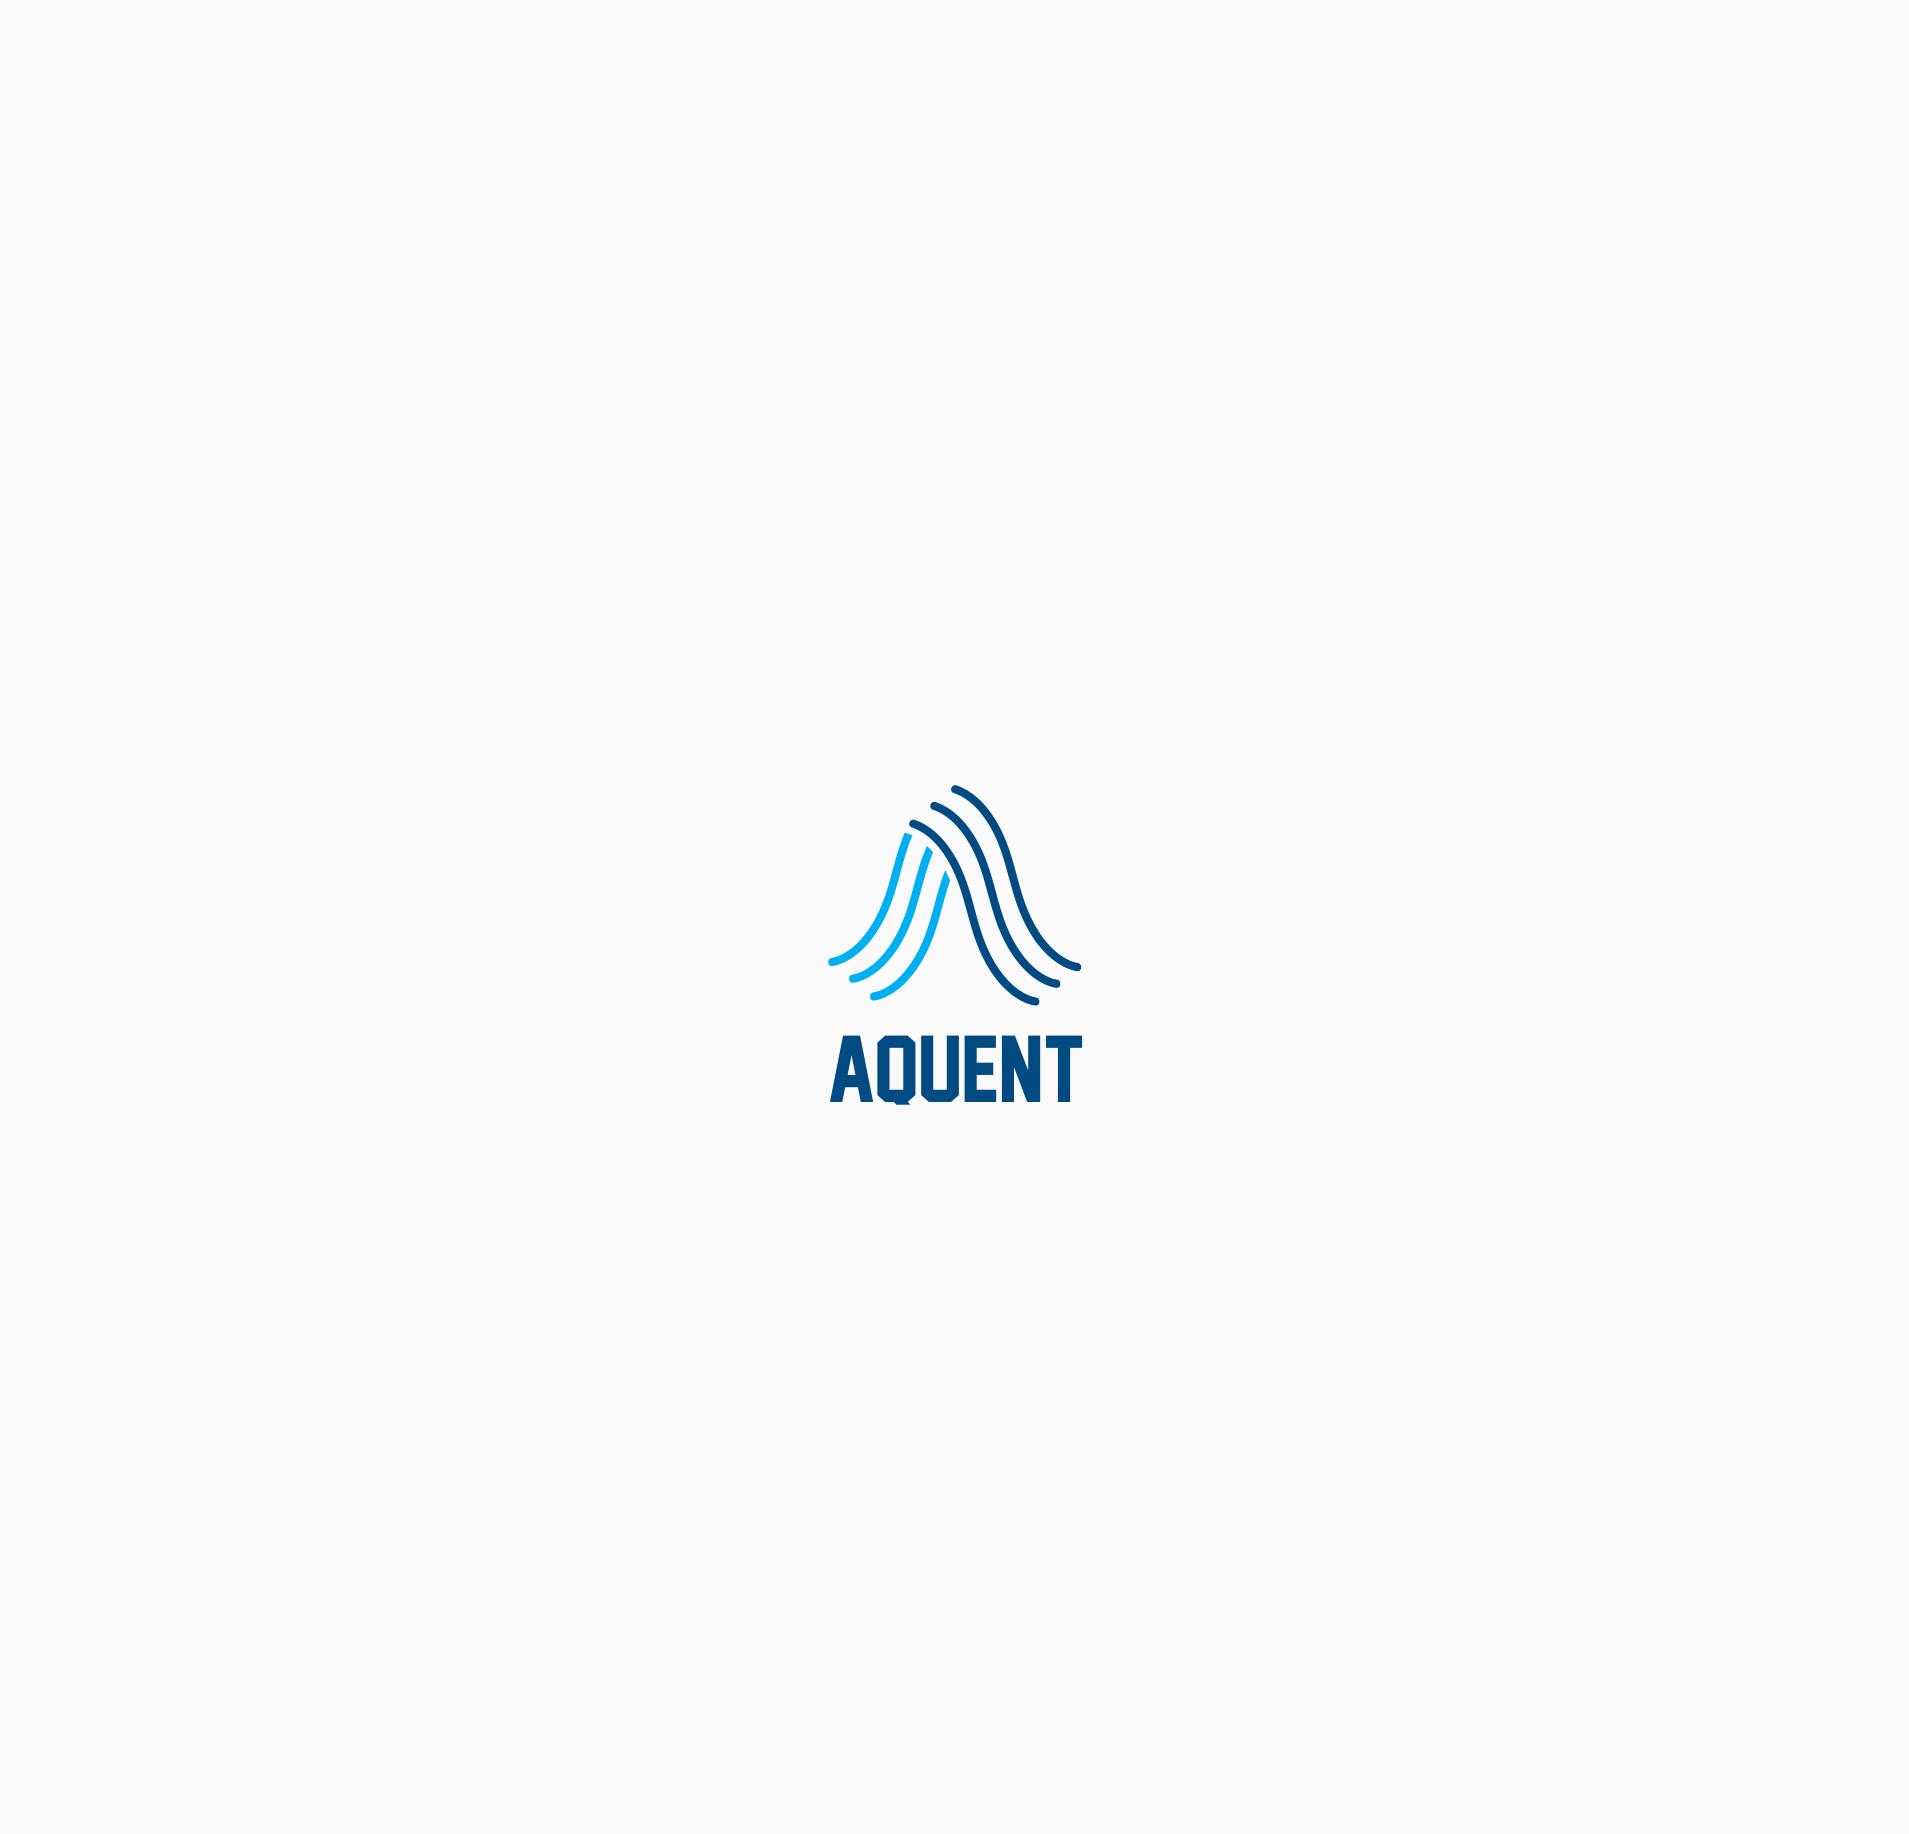 Логотип AQVENT фото f_3185285e88f70070.png